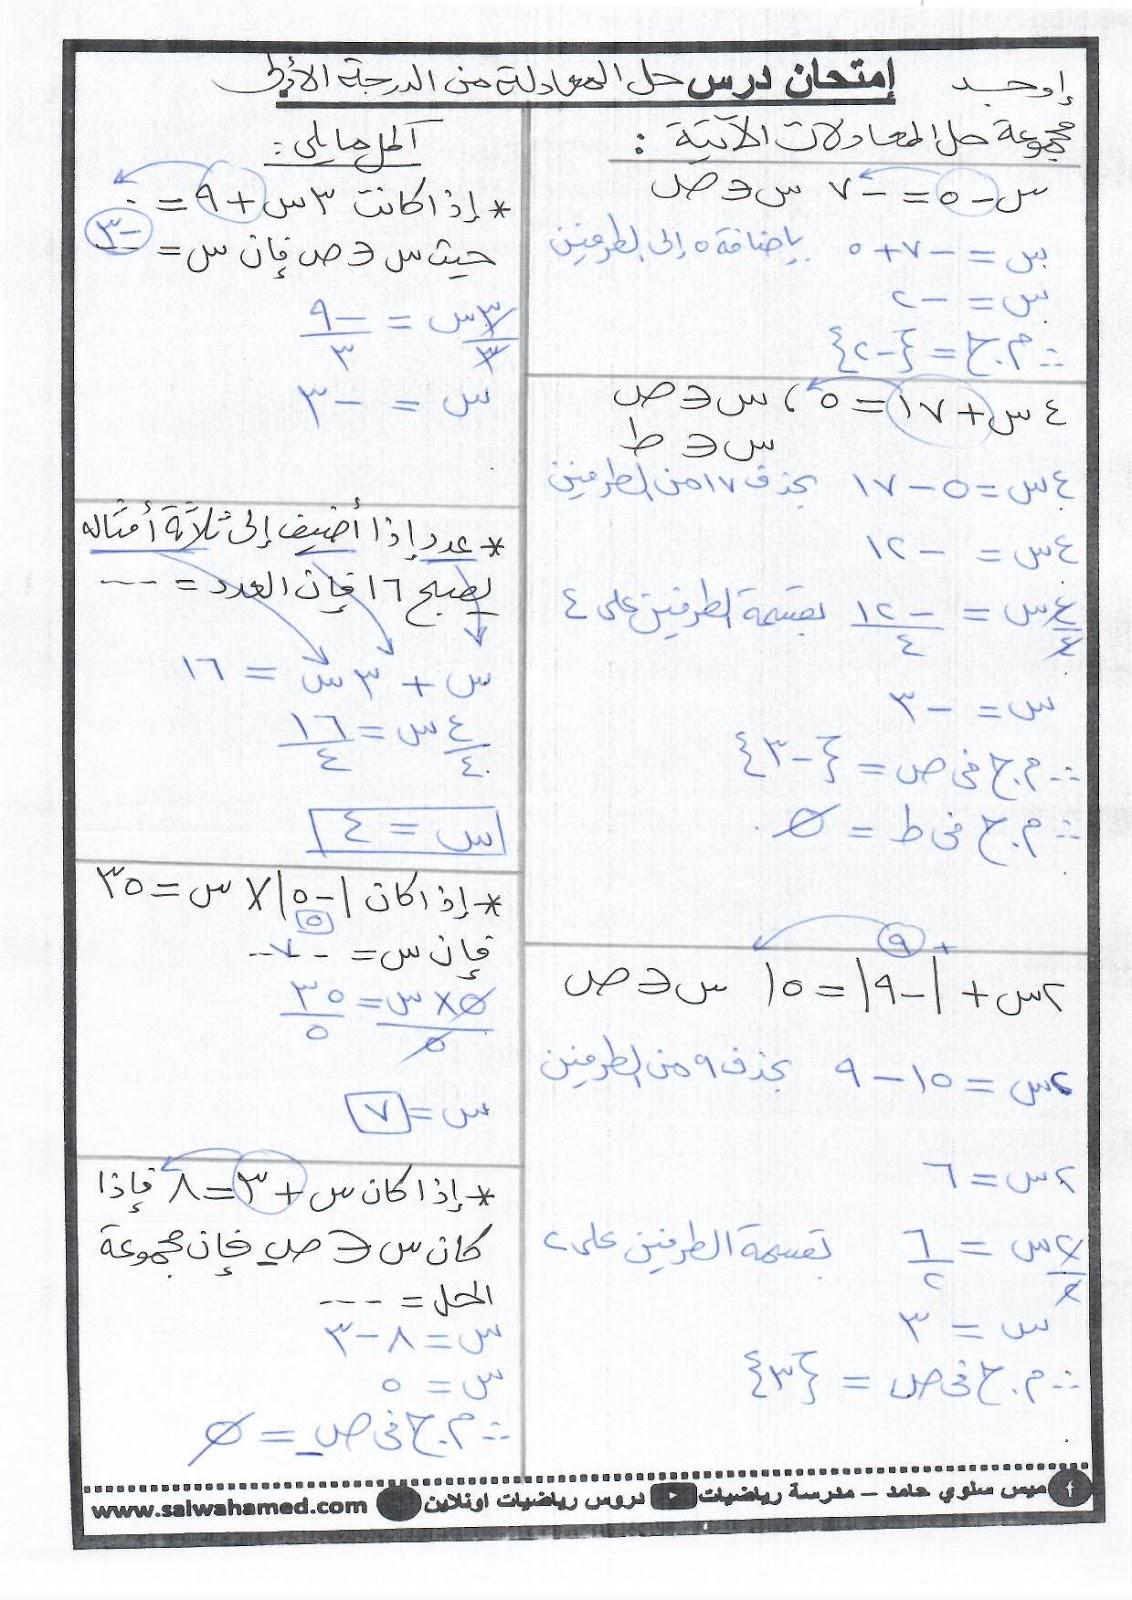 حل المعادلة من الدرجة الاولي للصف السادس الابتدائي مدونة ميس سلوى حامد